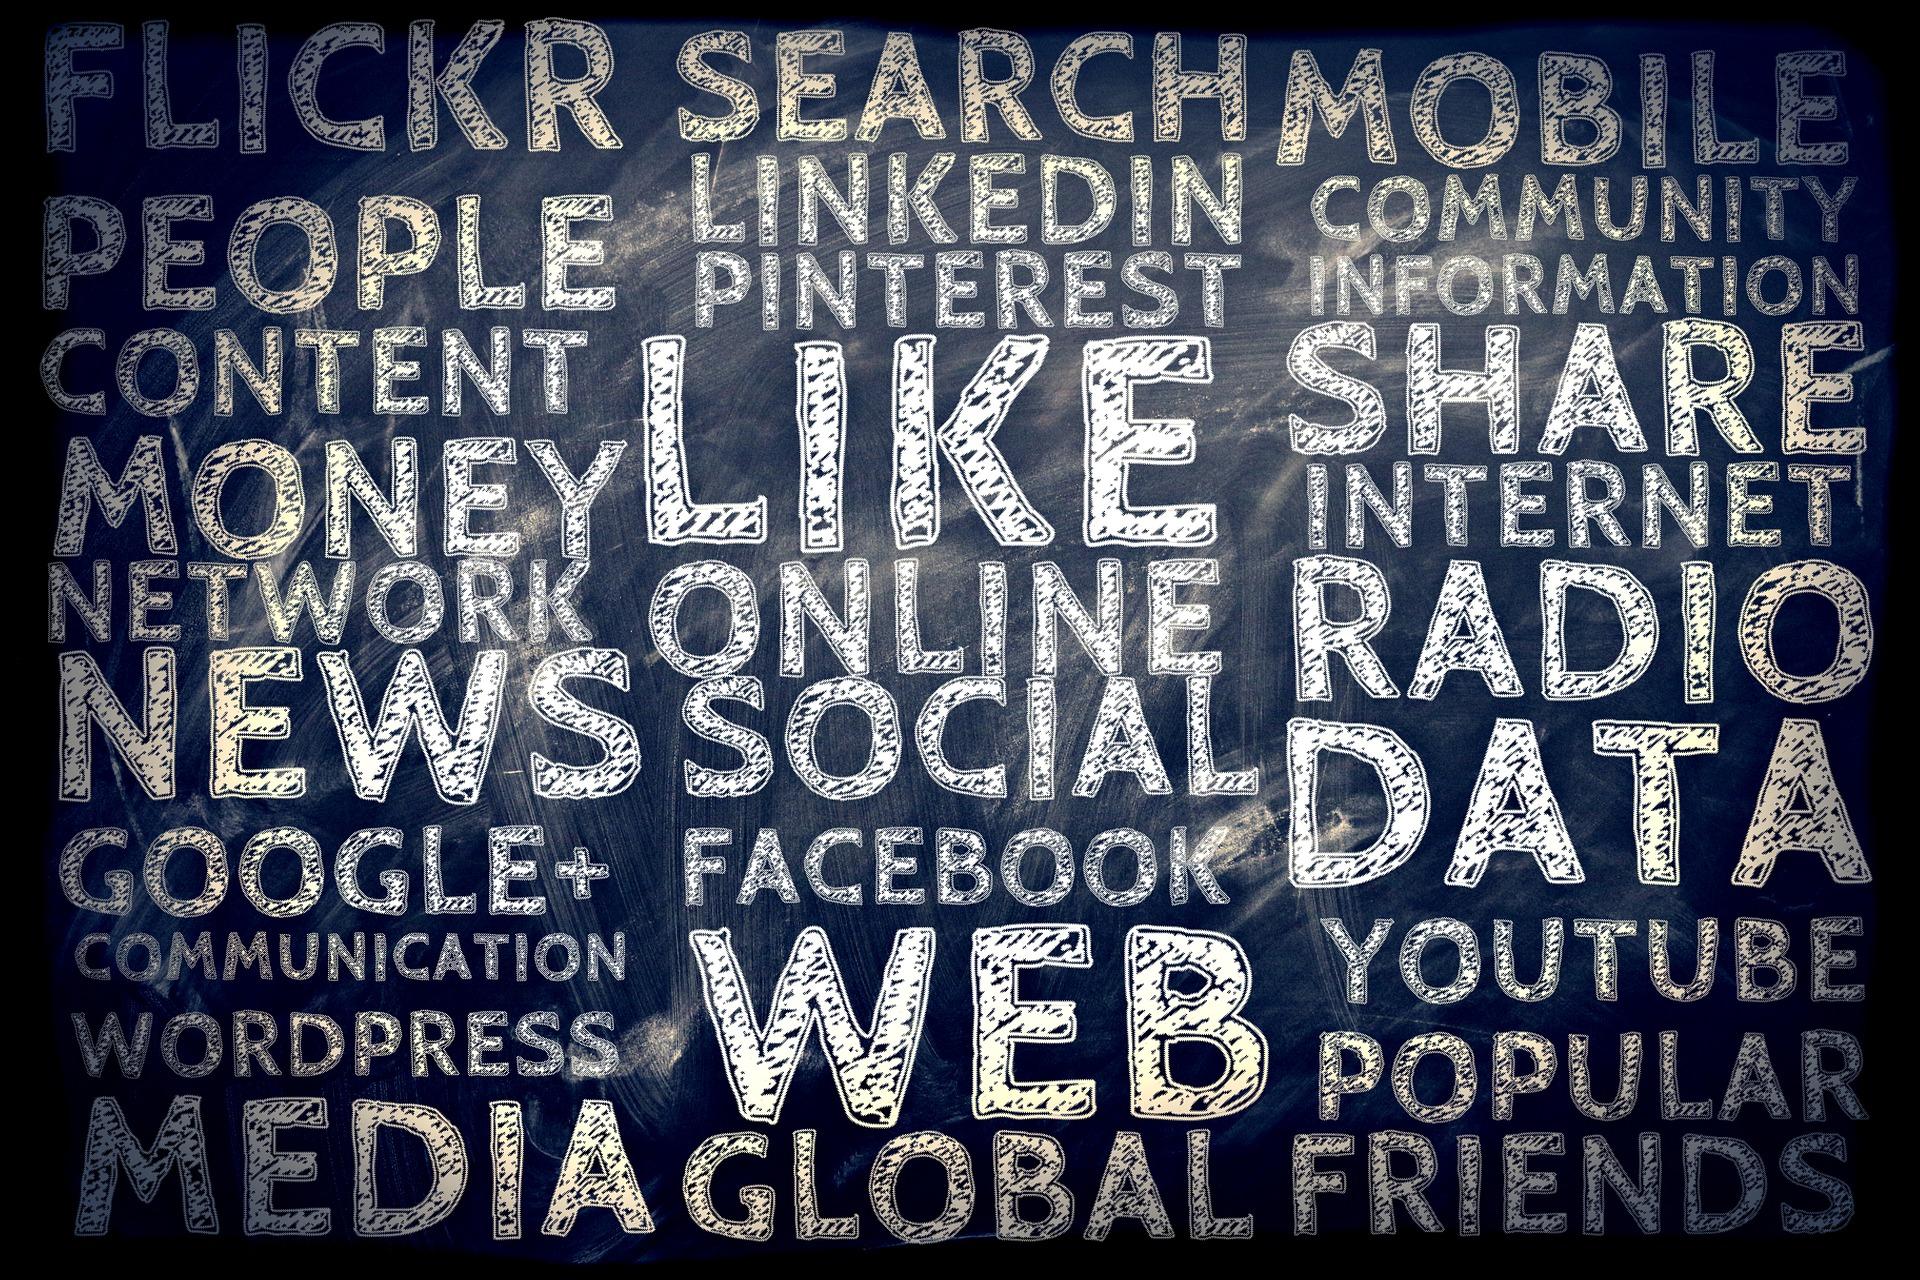 L'utilizzo dei social media nell'era digitale